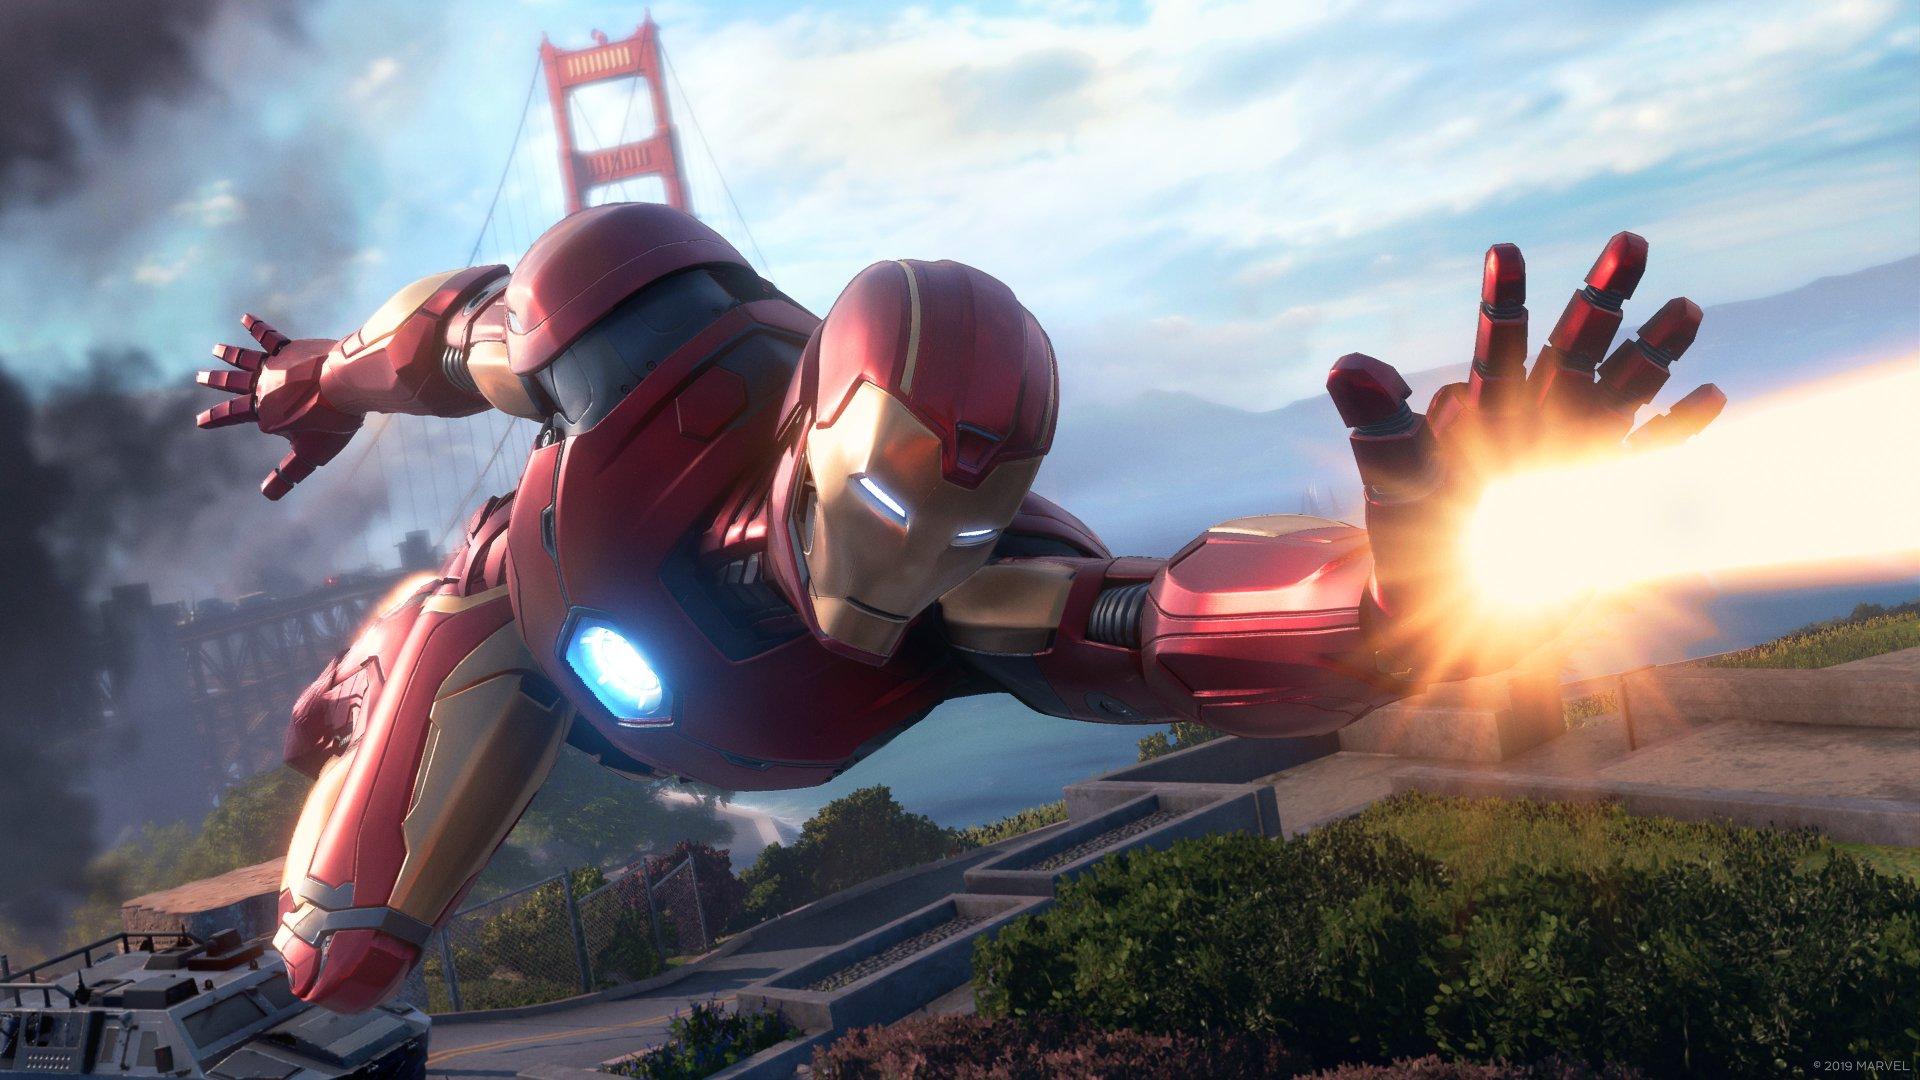 marvels avengers game ironman wallpaper 74172